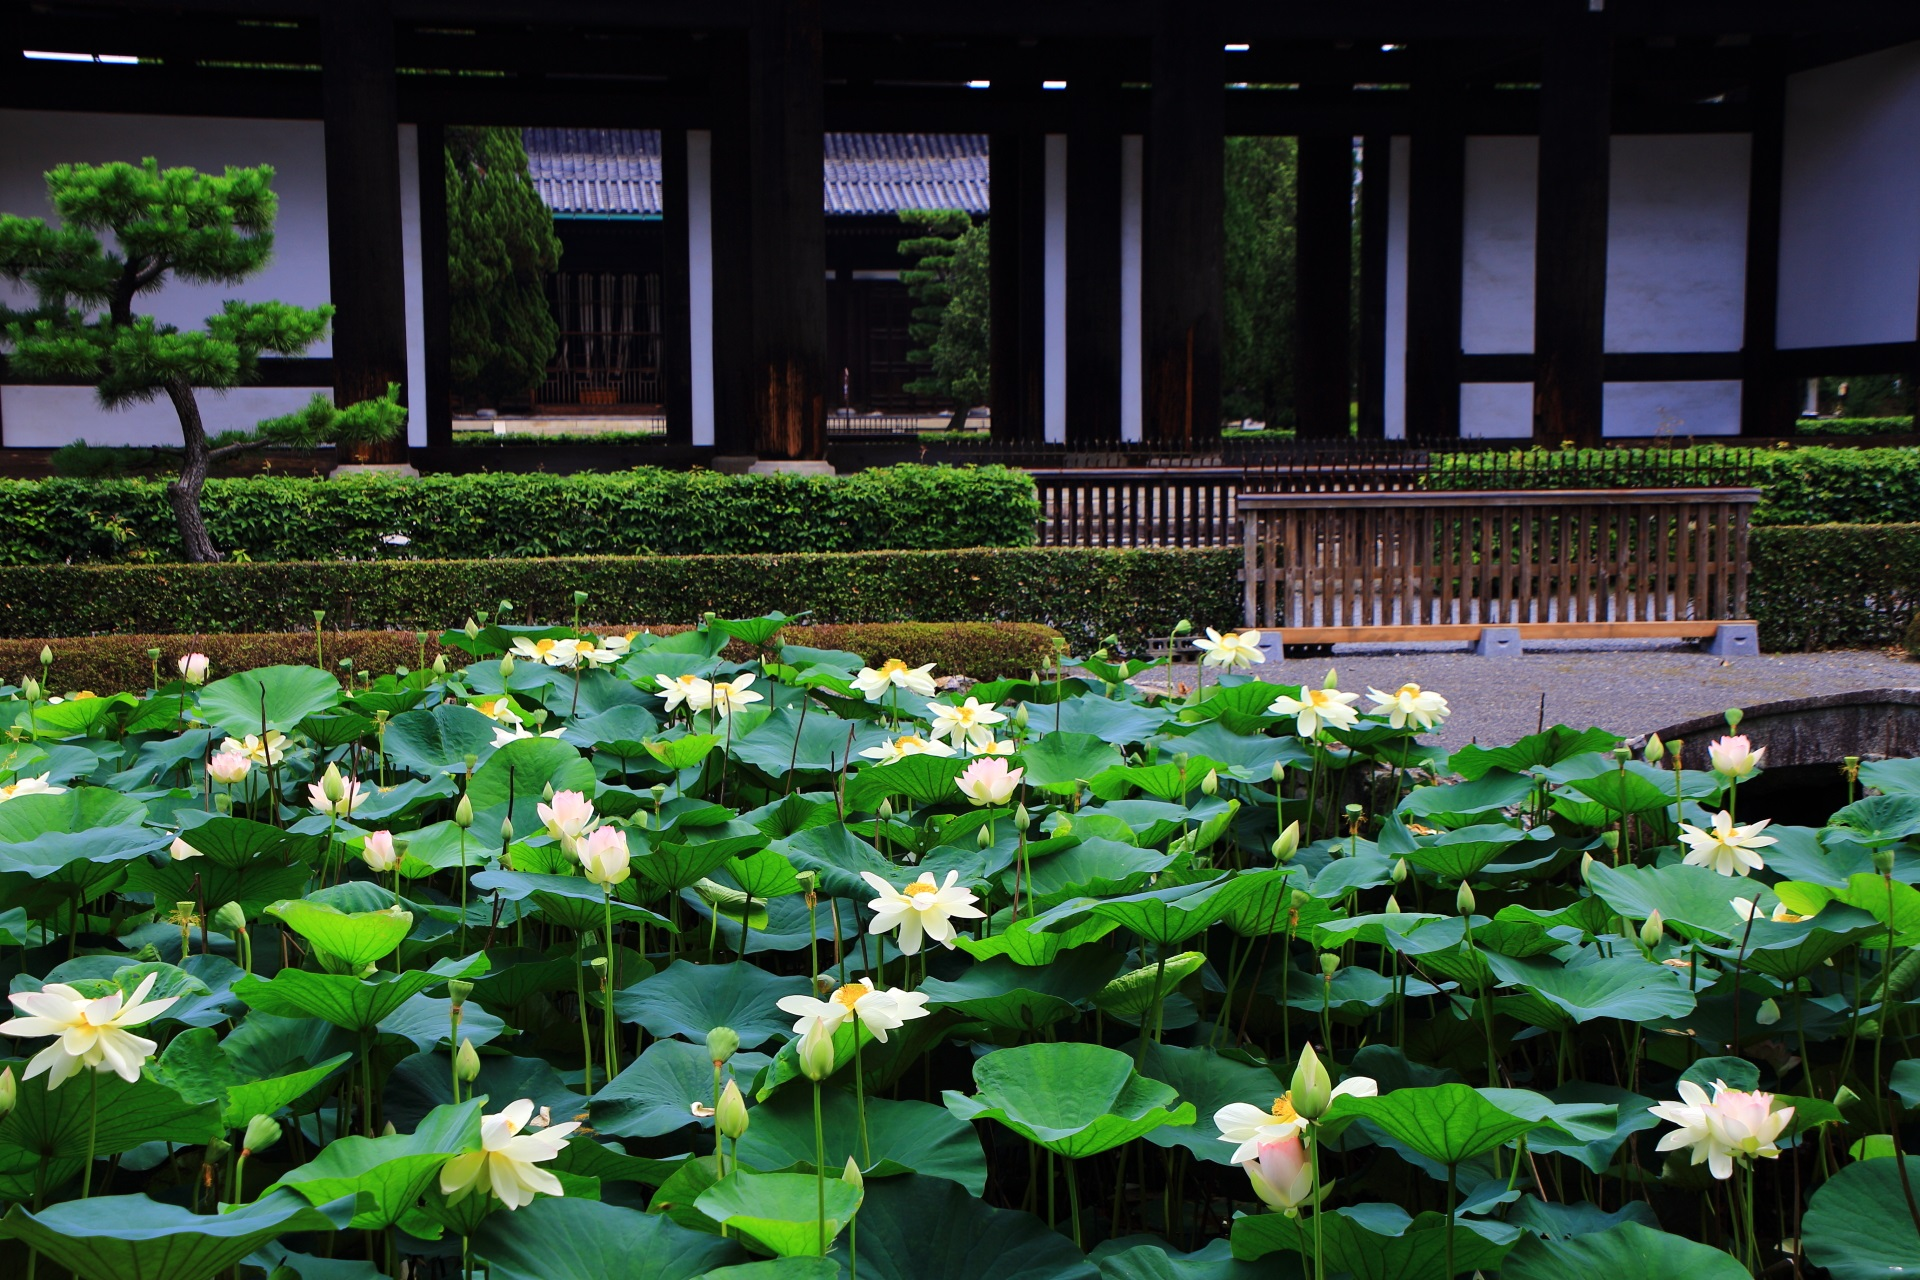 蓮池の思遠池と三門と仏殿